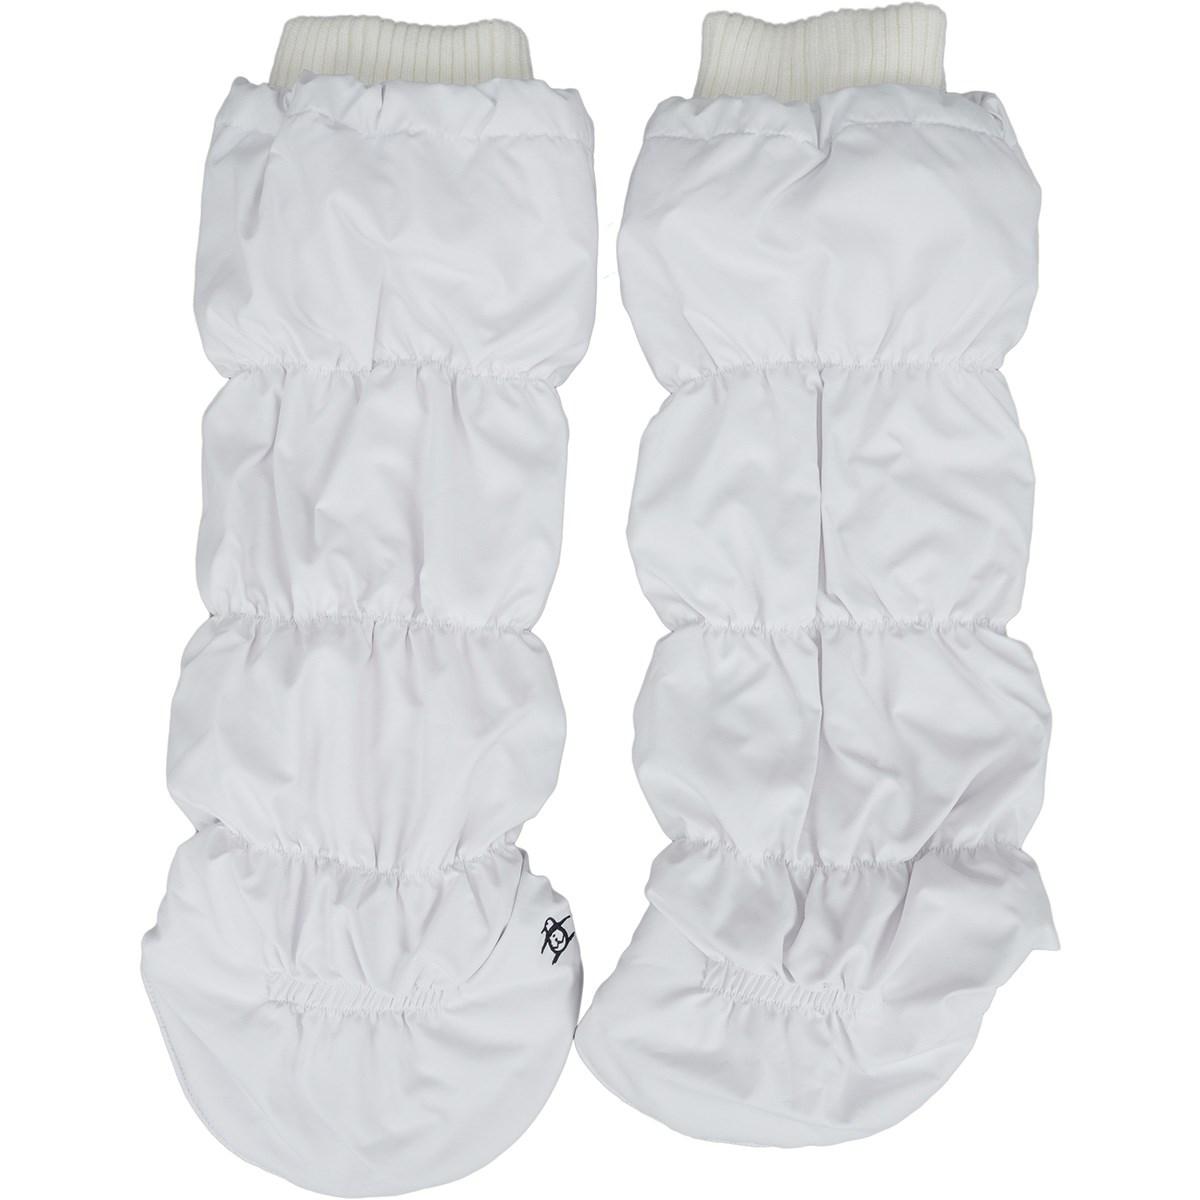 [定番モデル] マンシングウェア Munsingwear キルトタイプレッグウォーマー ホワイト 00 レディース ゴルフウェア